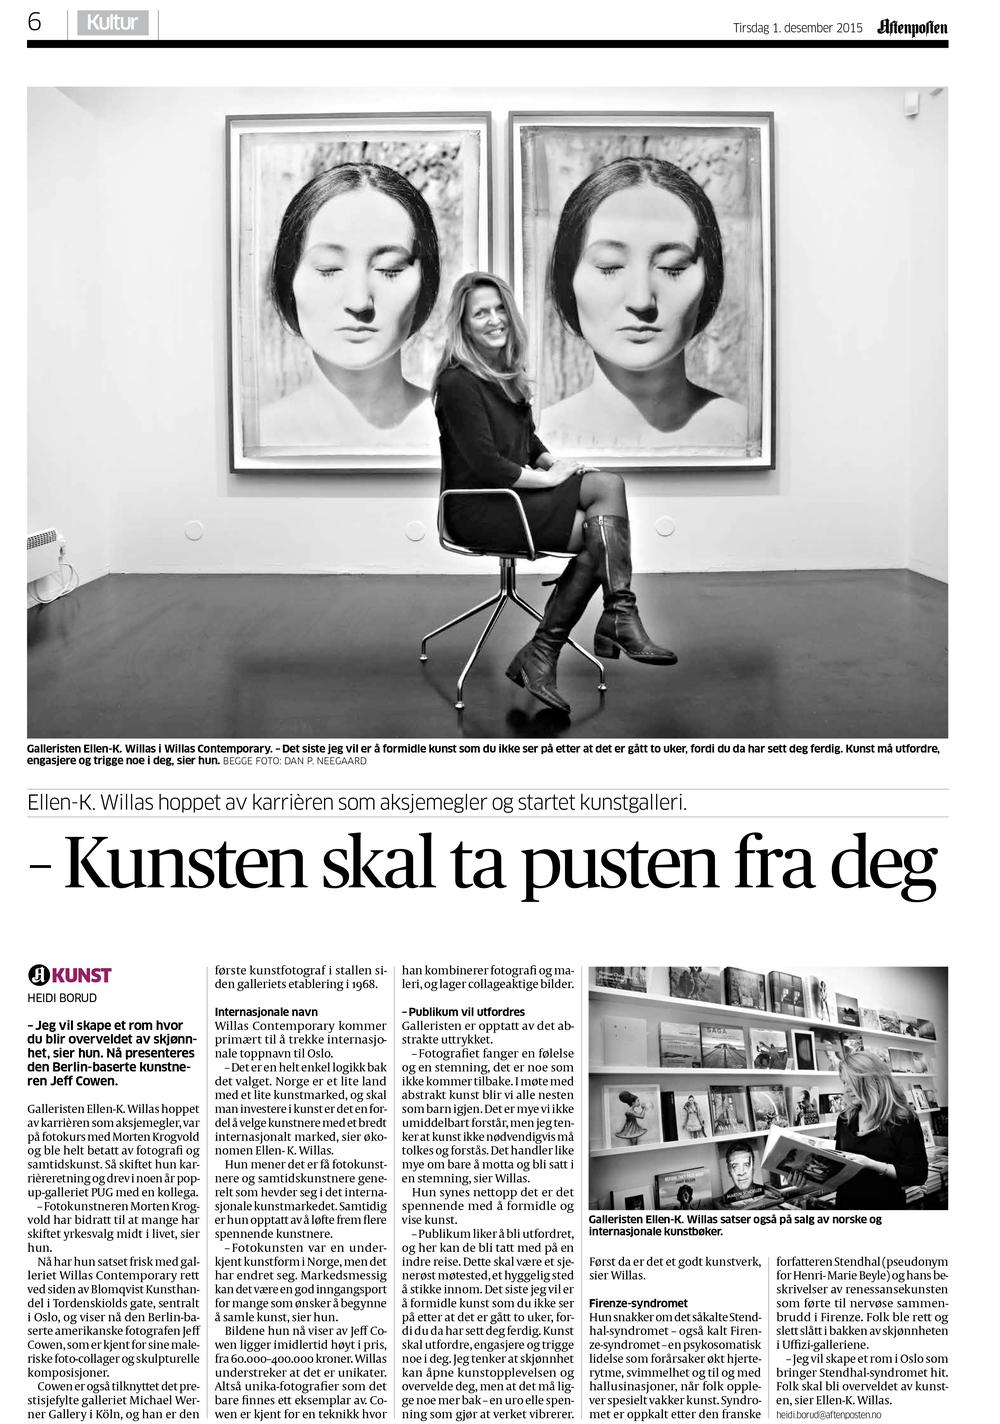 01.12.2015 Aftenposten.jpg